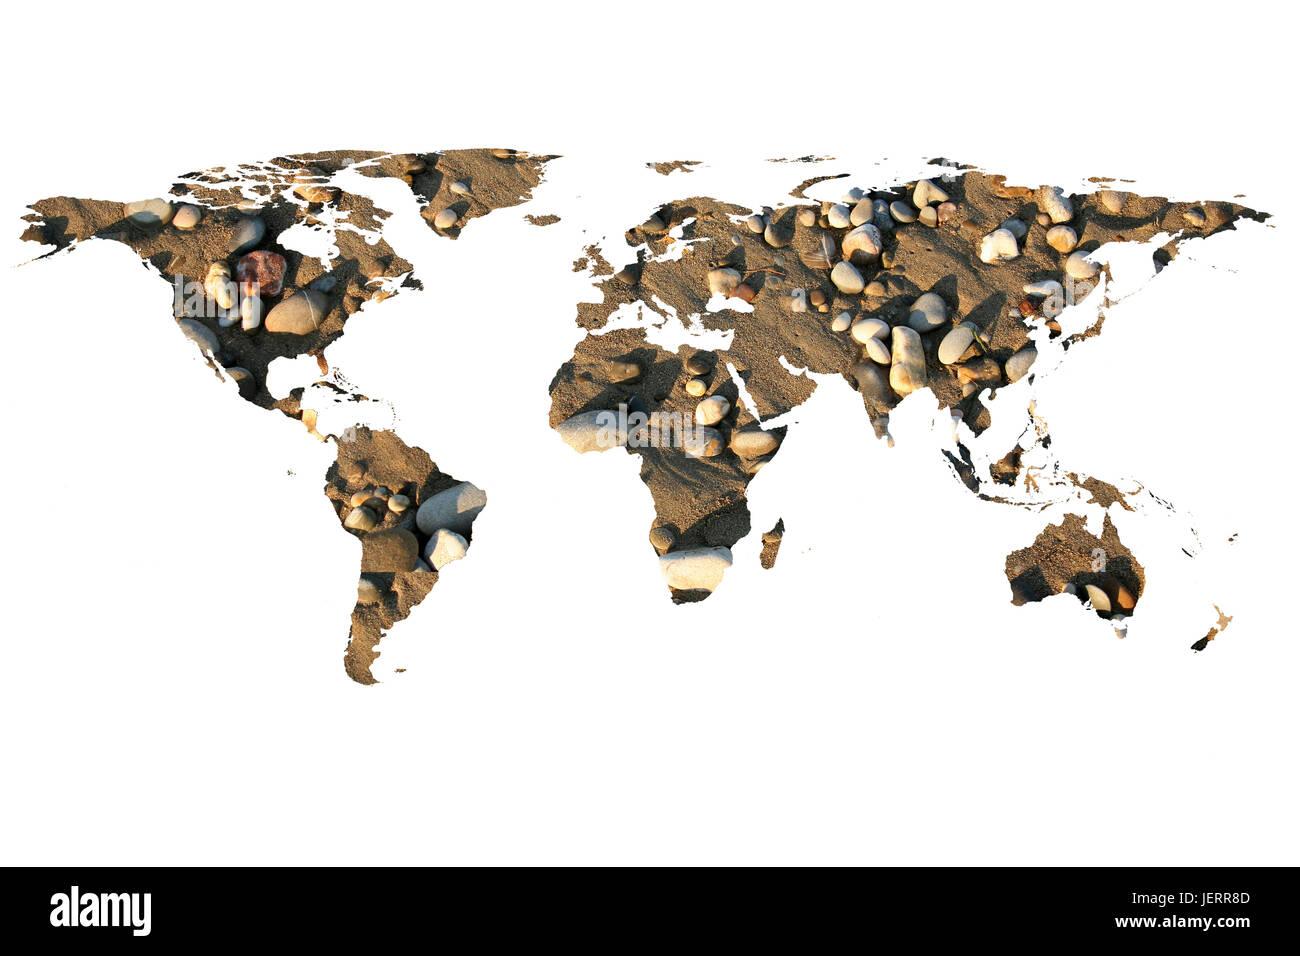 Isolato mappa piatta del mondo e pietre. La NASA mondo piatto mappa immagine è utilizzato per fornire questa Immagini Stock